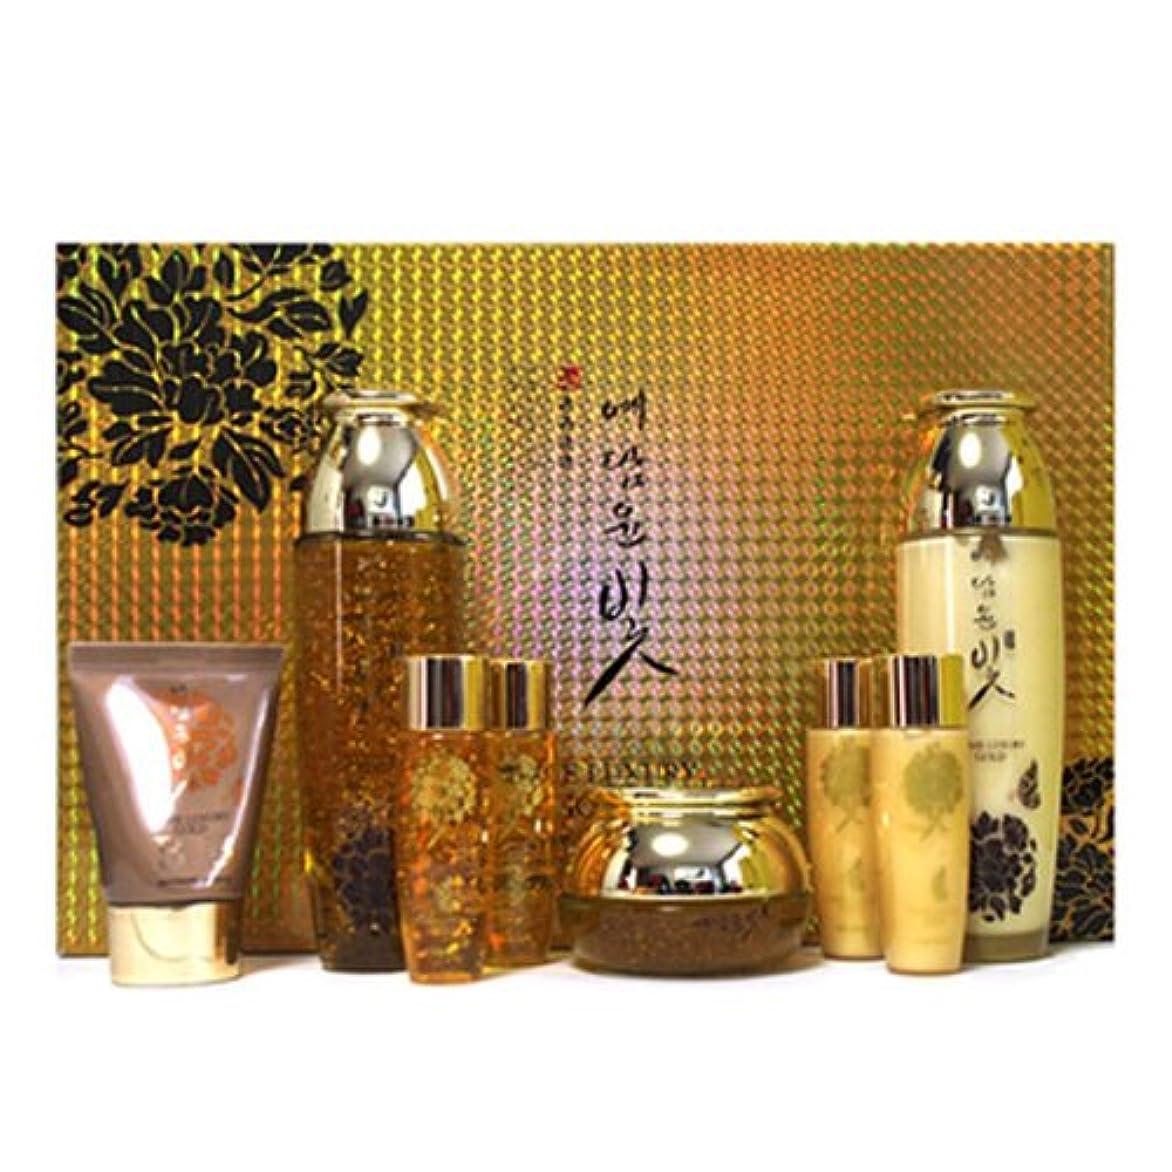 知り合いになるひねくれた波紋イェダムユンビト[韓国コスメYedam Yun Bit]Prime Luxury Gold Skin Care Set プライムラグジュアリーゴールドスキンケア4セット 樹液 乳液 クリーム/ BBクリーム [並行輸入品]